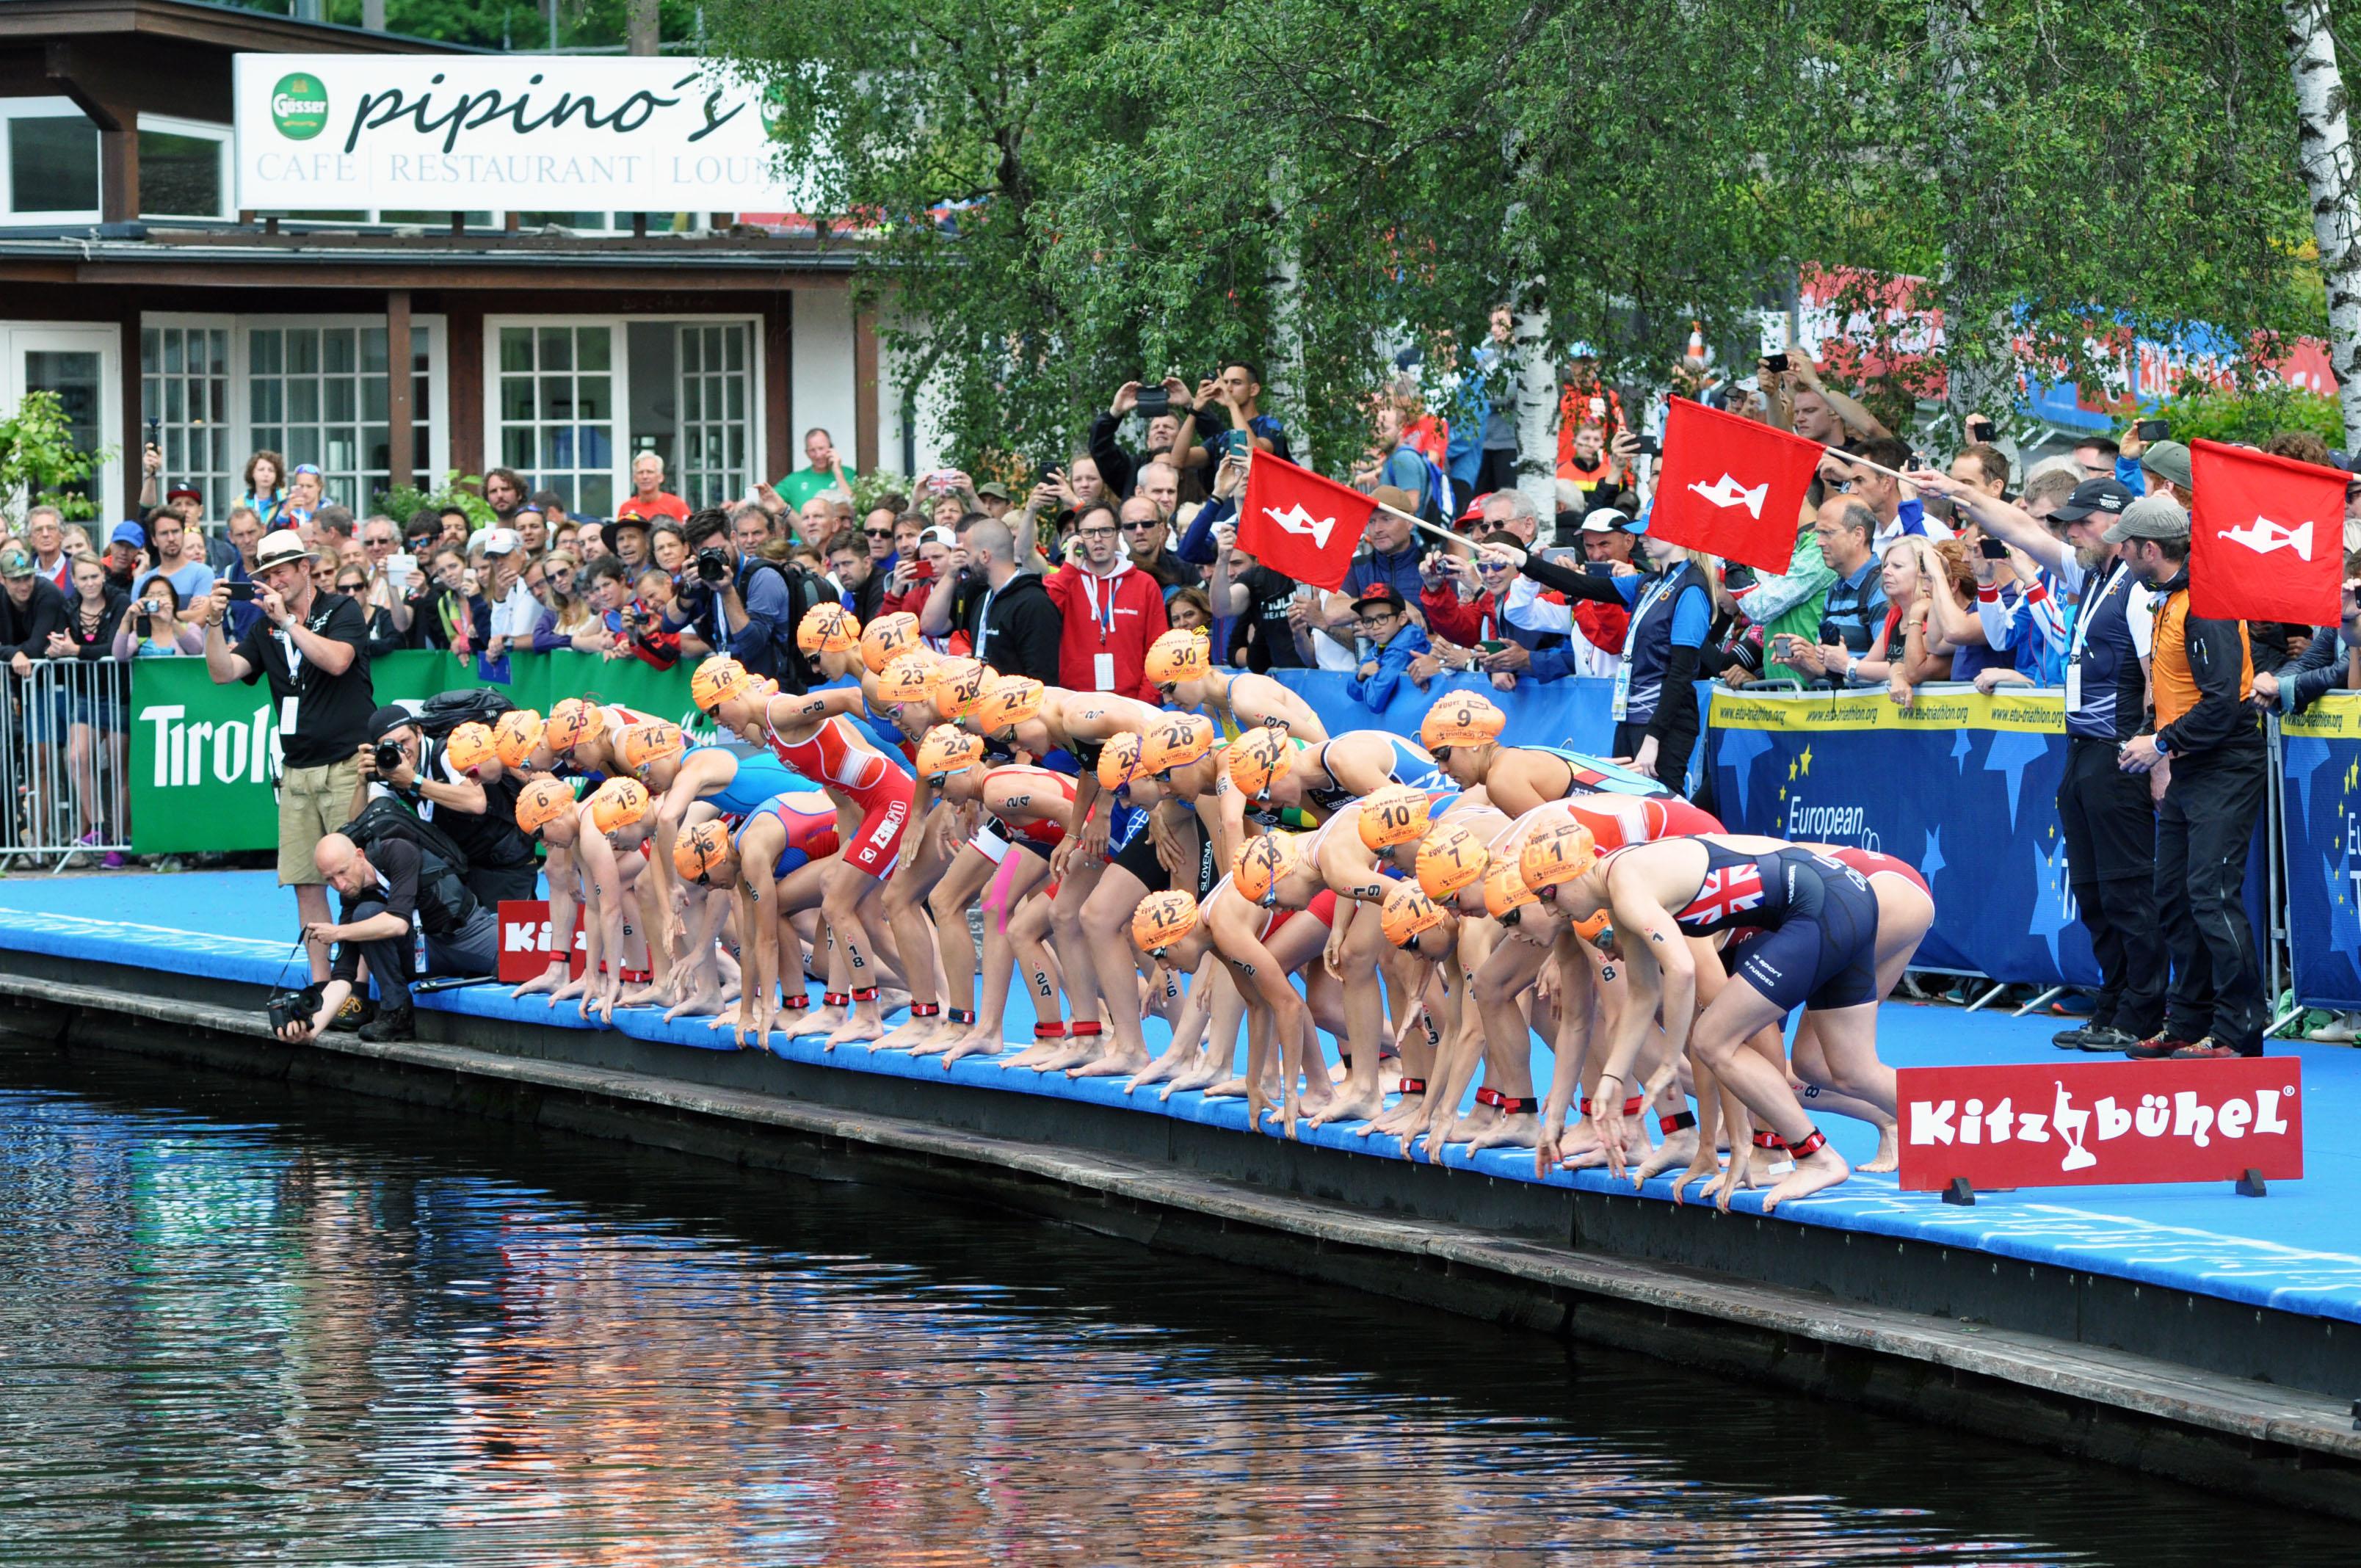 triathlon kitzbuhel 2018